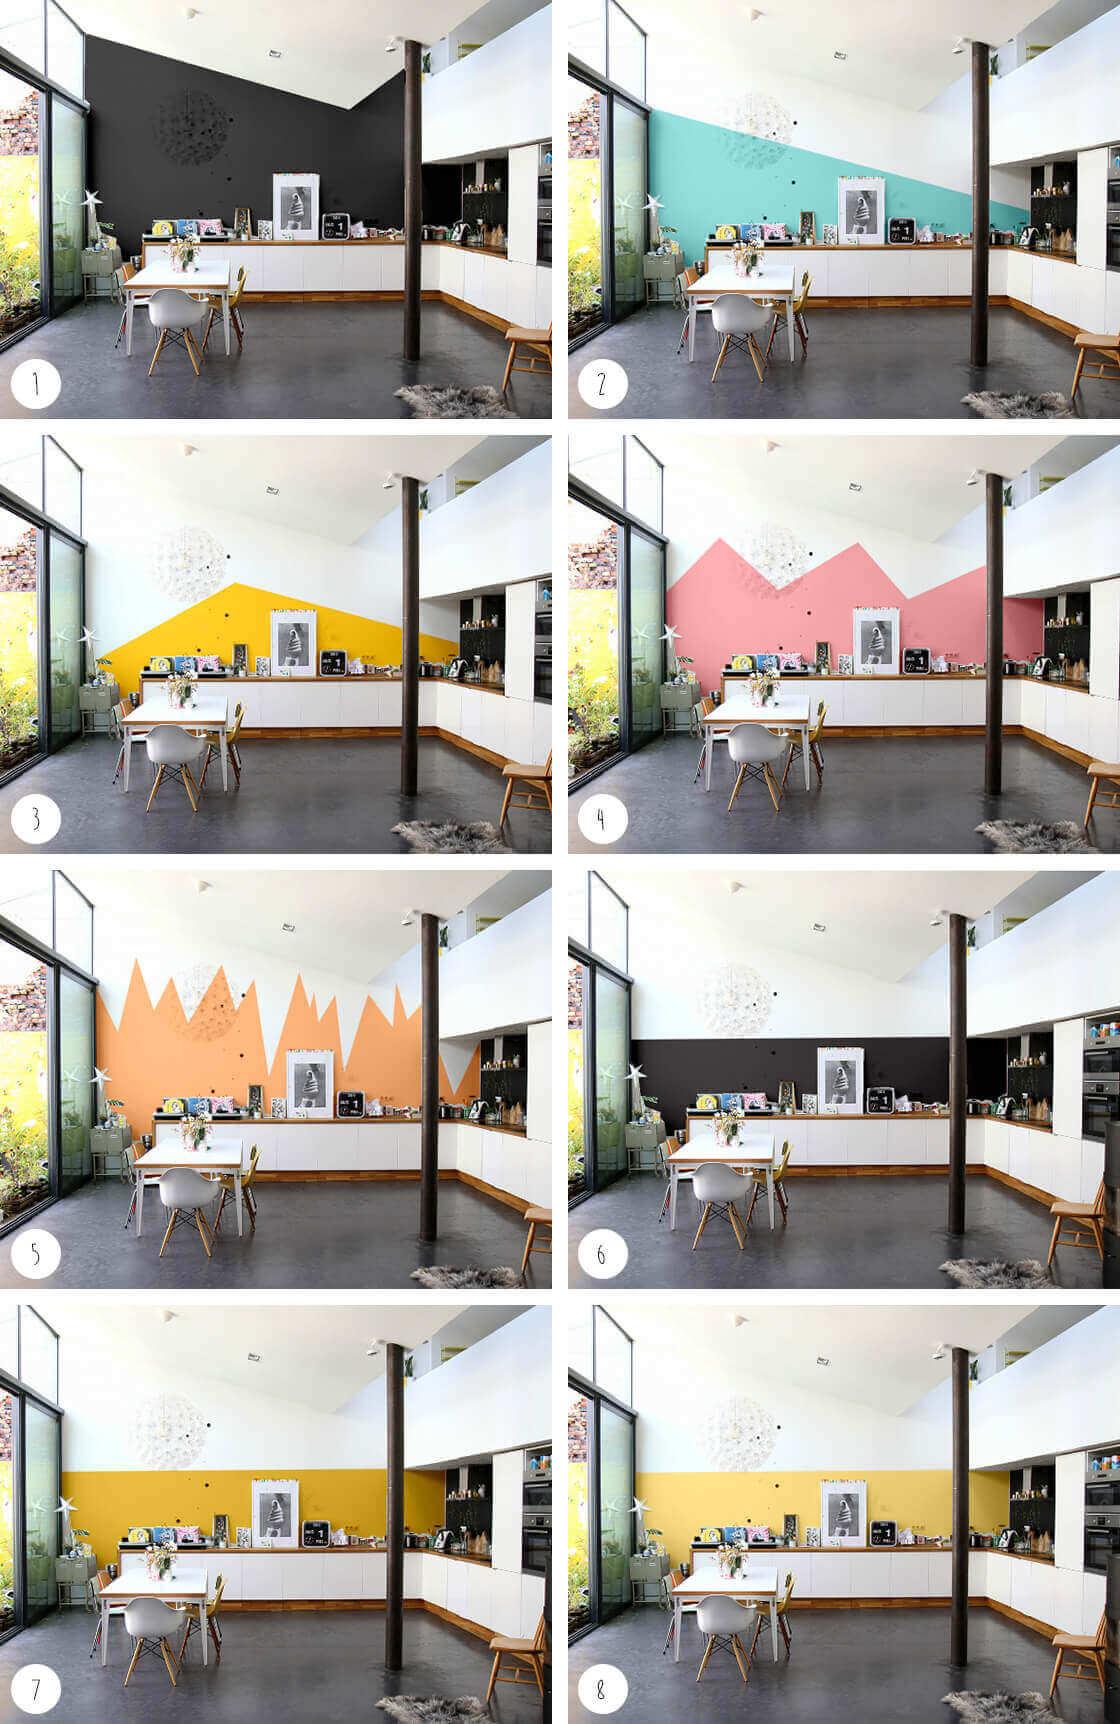 Renouveler la d coration de votre maison gr ce la peinture int rieure - 2 couleurs de peinture dans une piece ...